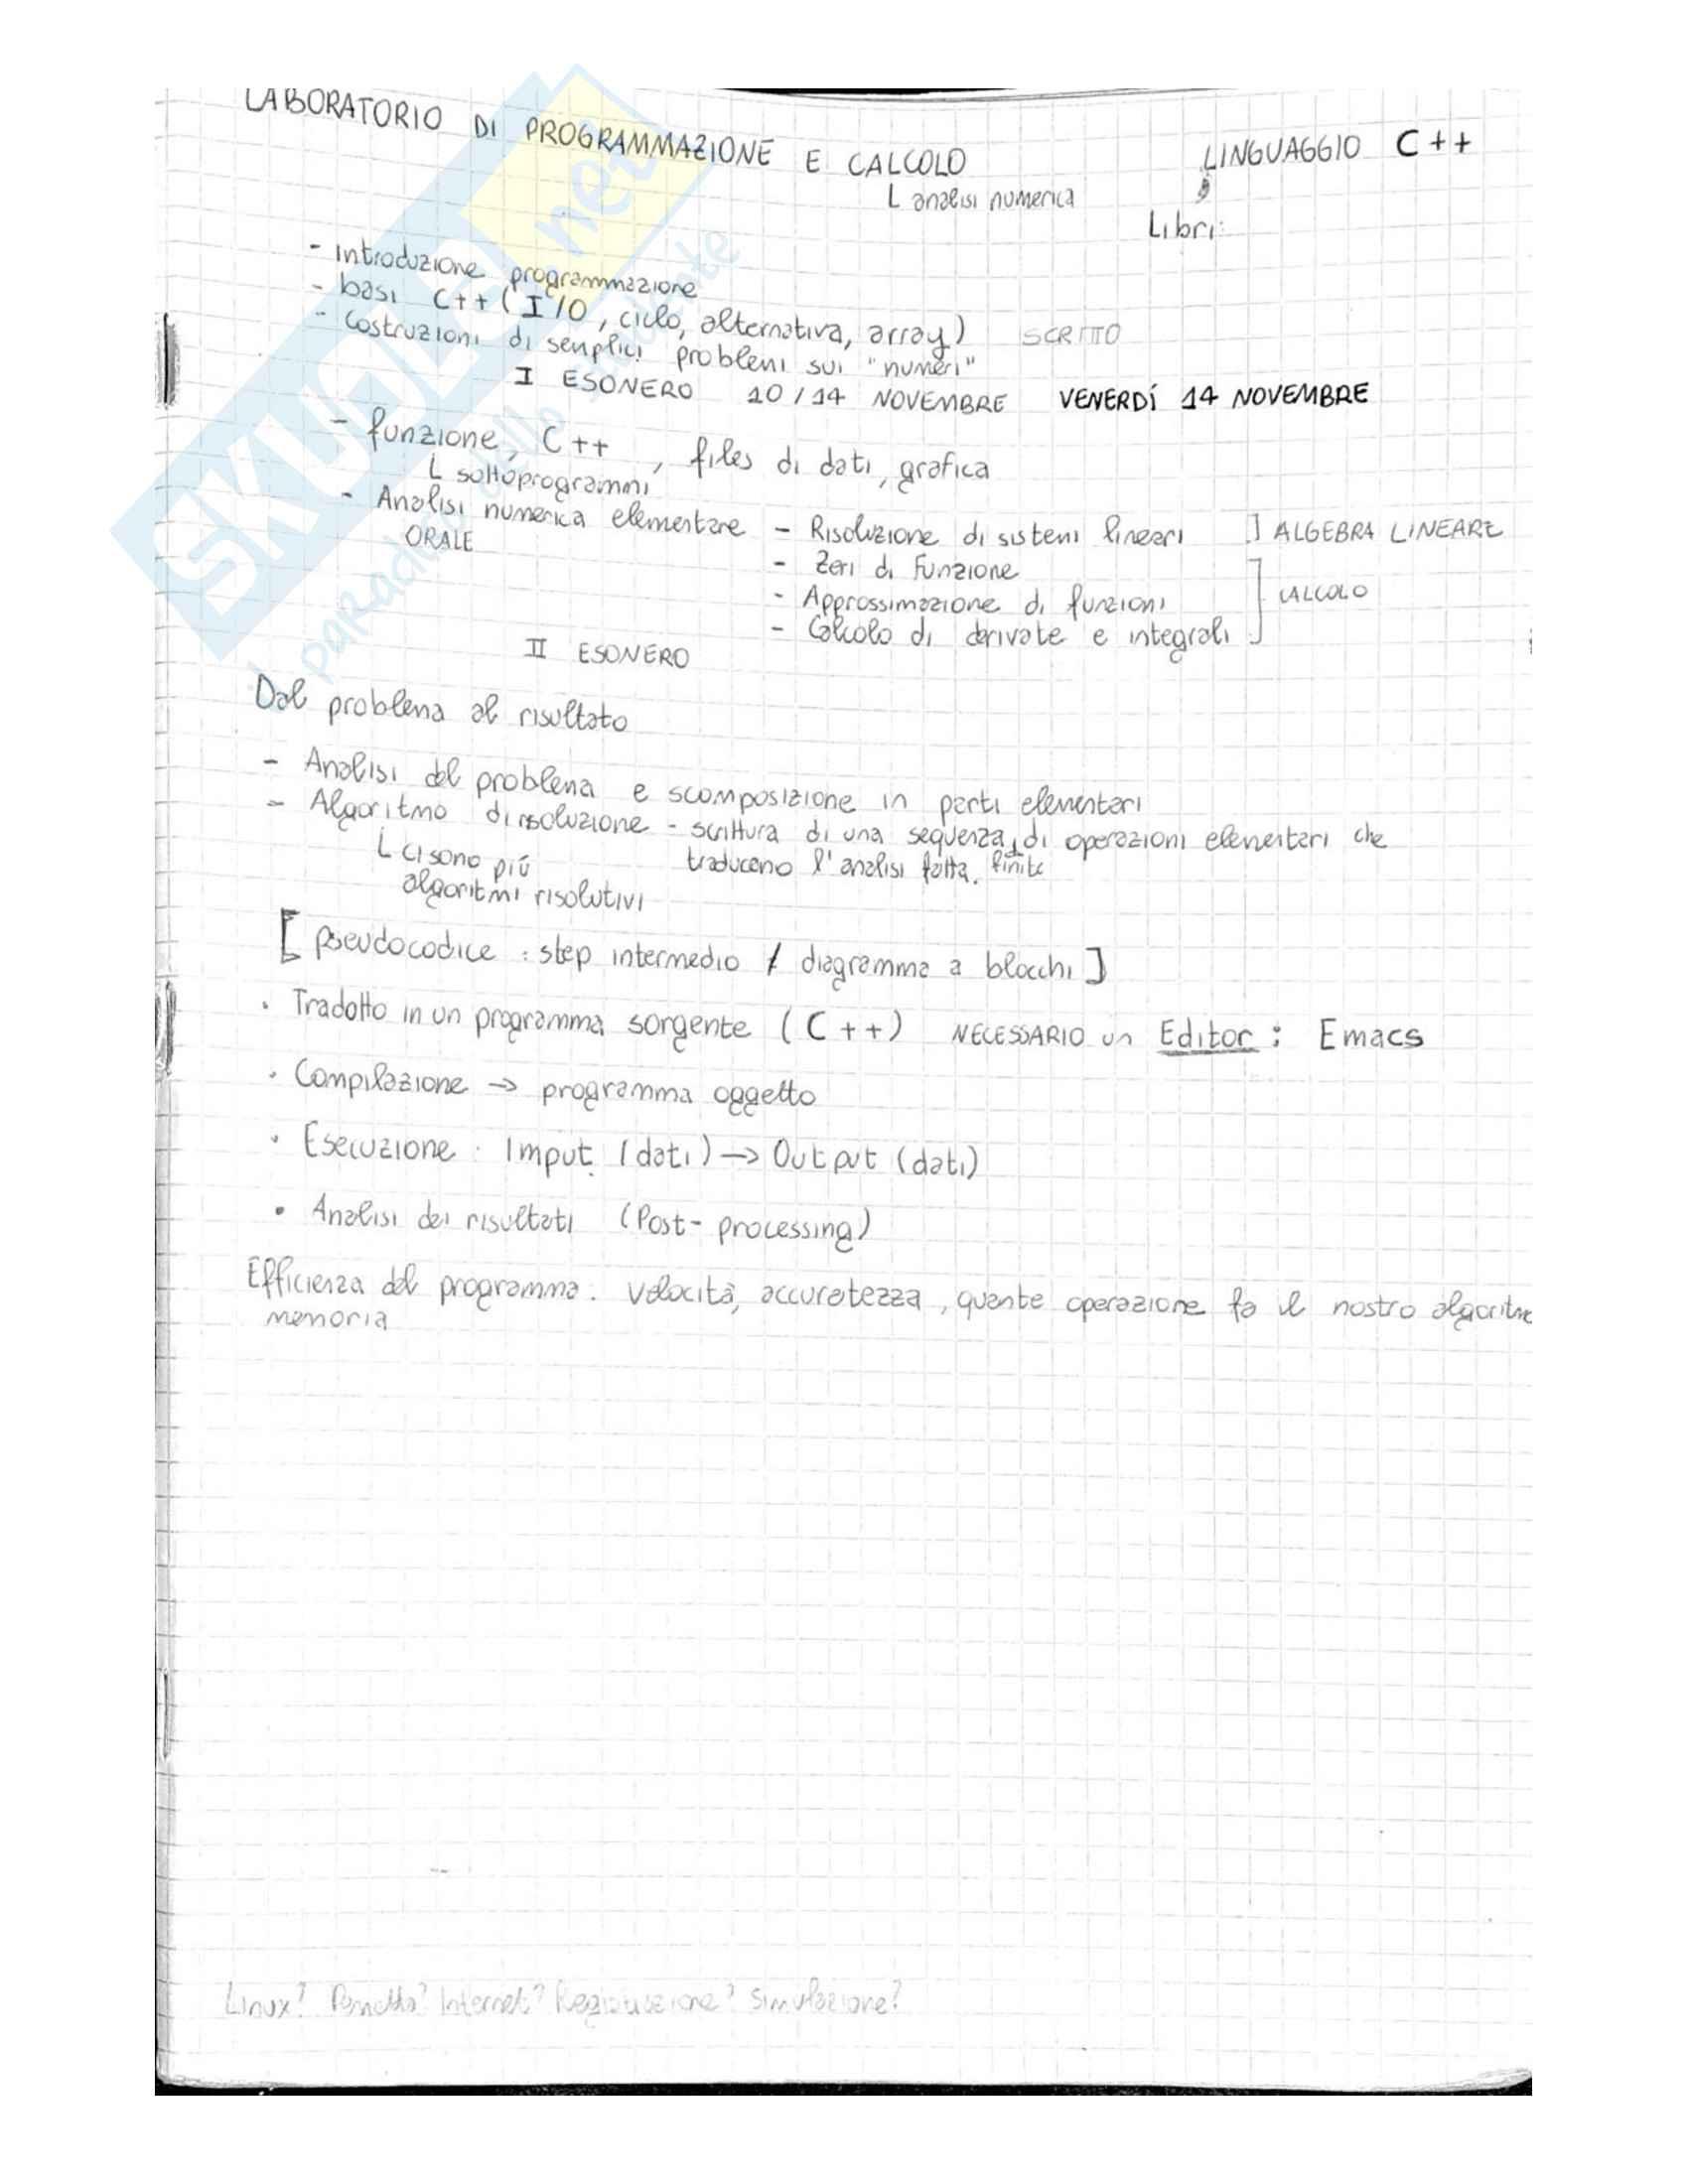 Laboratorio di Programmazione e Calcolo - Tutta la teoria ed esercizi